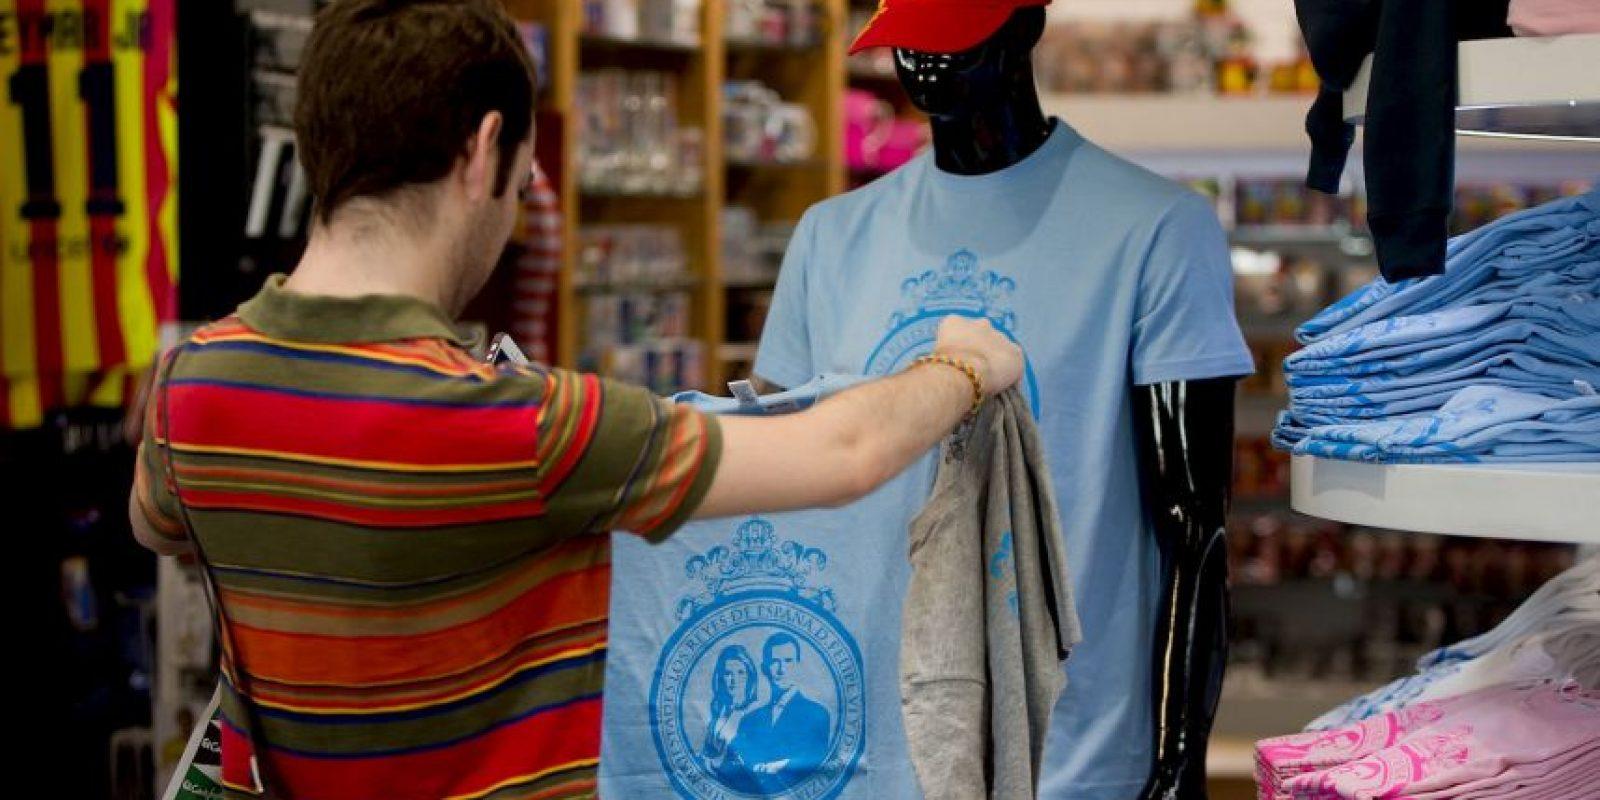 Un maniquí se ha convertido en el sistema de seguridad de una familia argentina. Foto:Getty Images